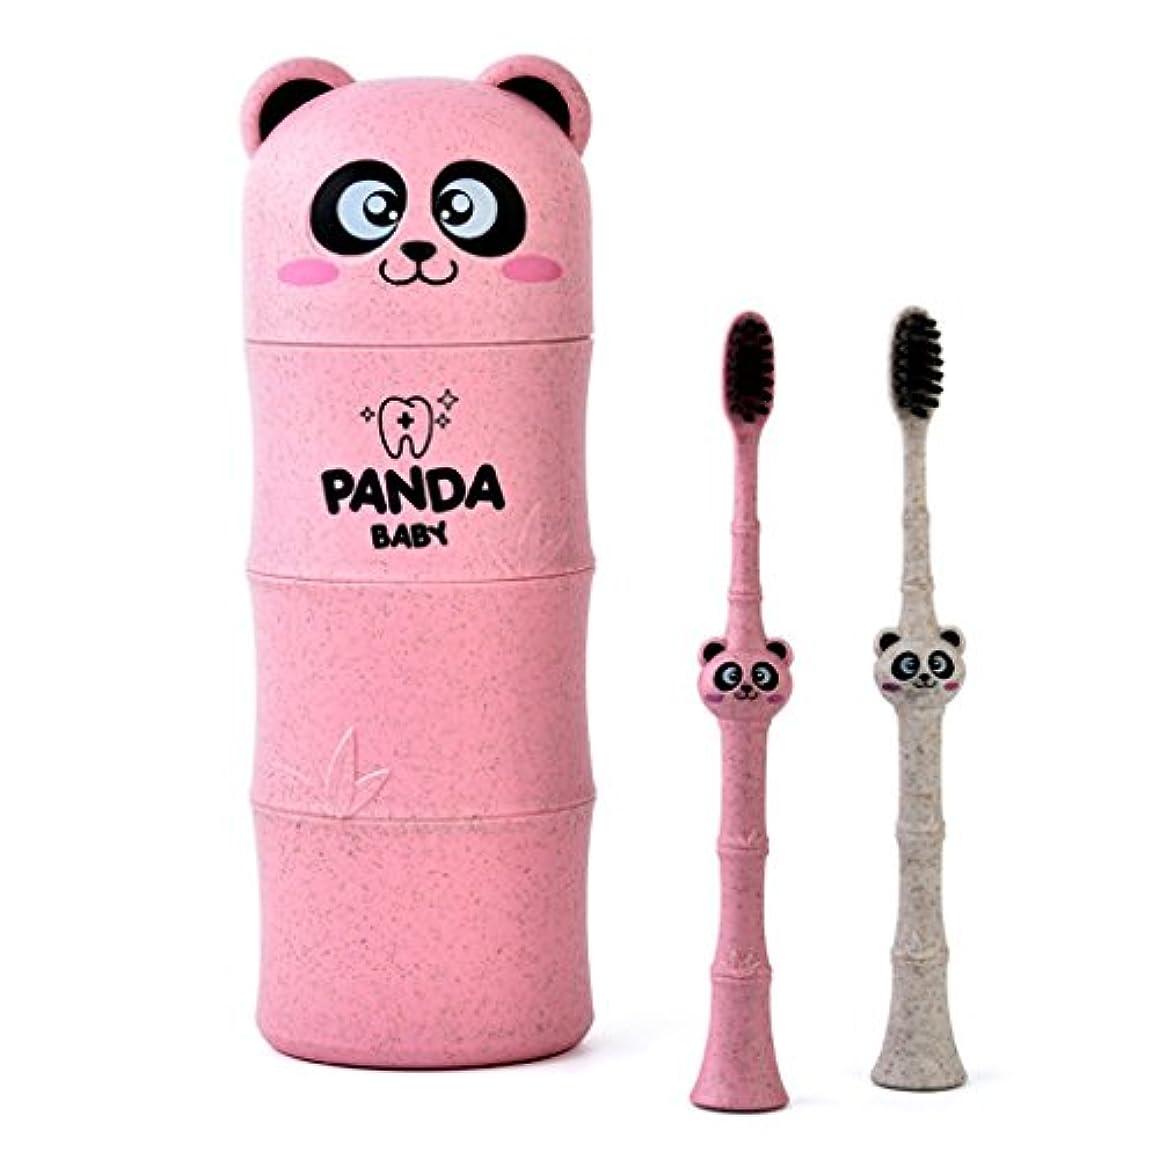 マウスピース放棄恥ずかしいManyao 1セットベビー歯ブラシ小麦ストロー漫画パンダ幼児子供歯科口腔ケア (ピンク)